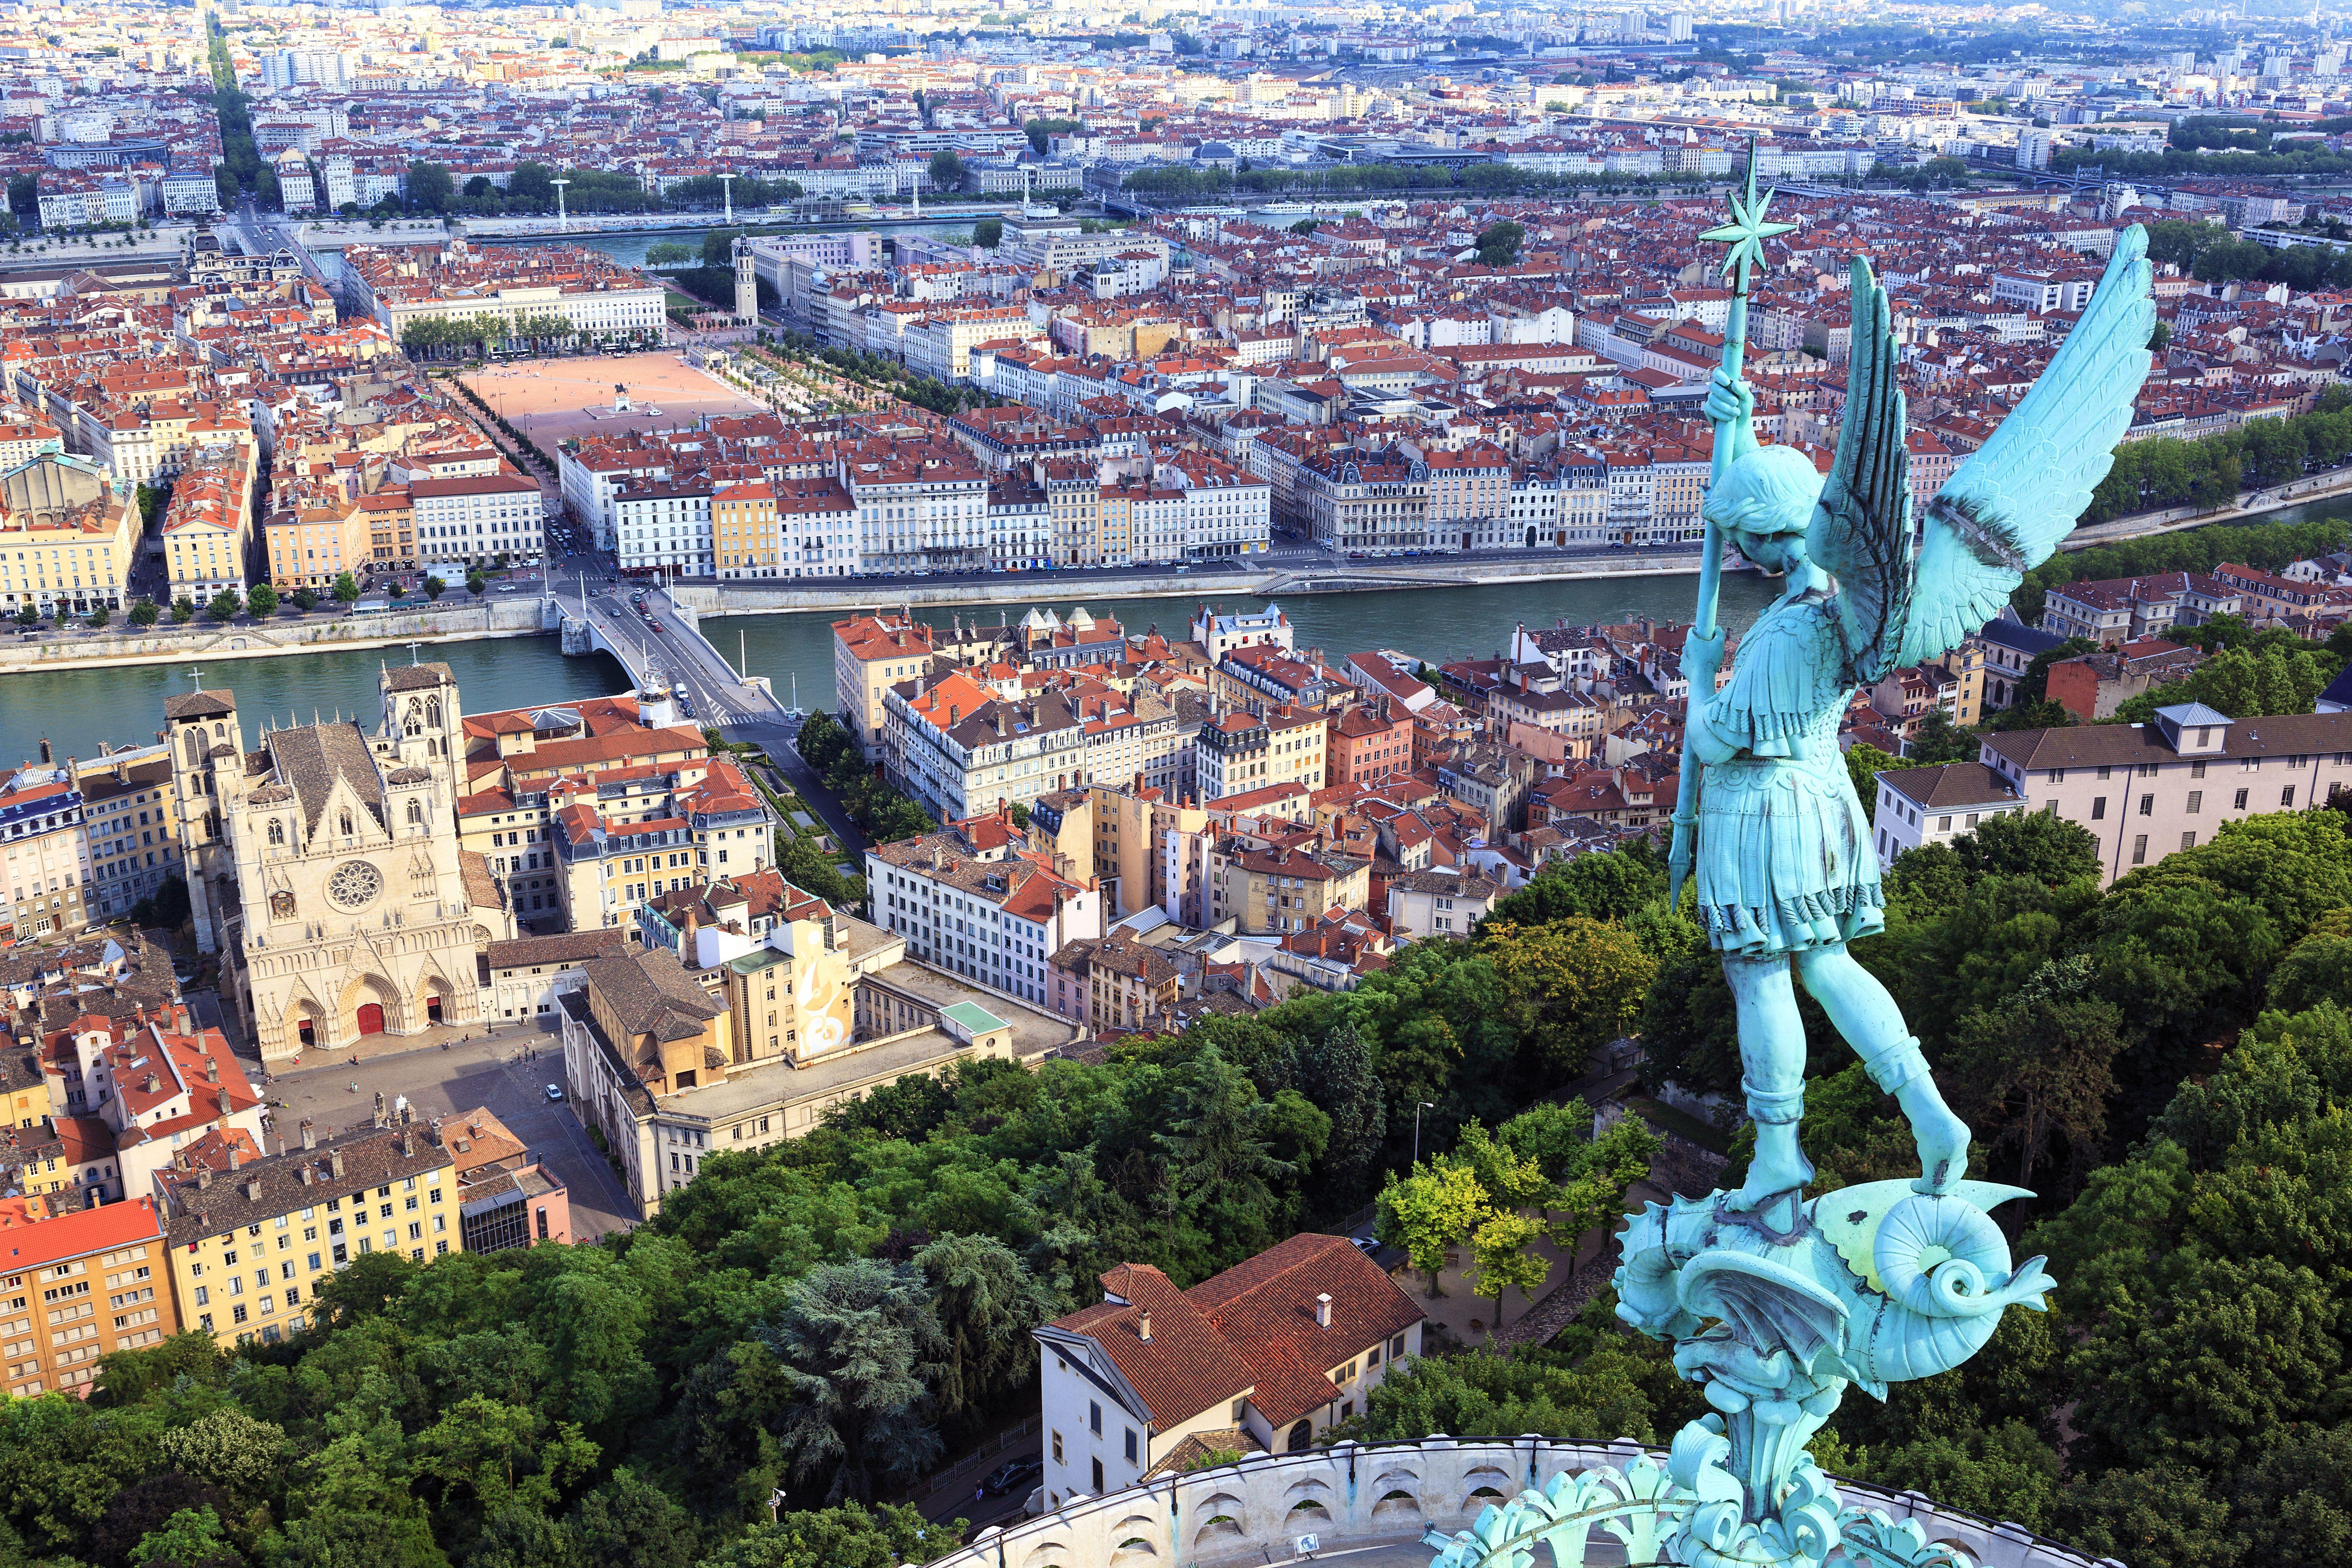 Stationnement Temporaire Pour Un Demenagement A Lyon Blog Paysages Du Monde Villa Paysage